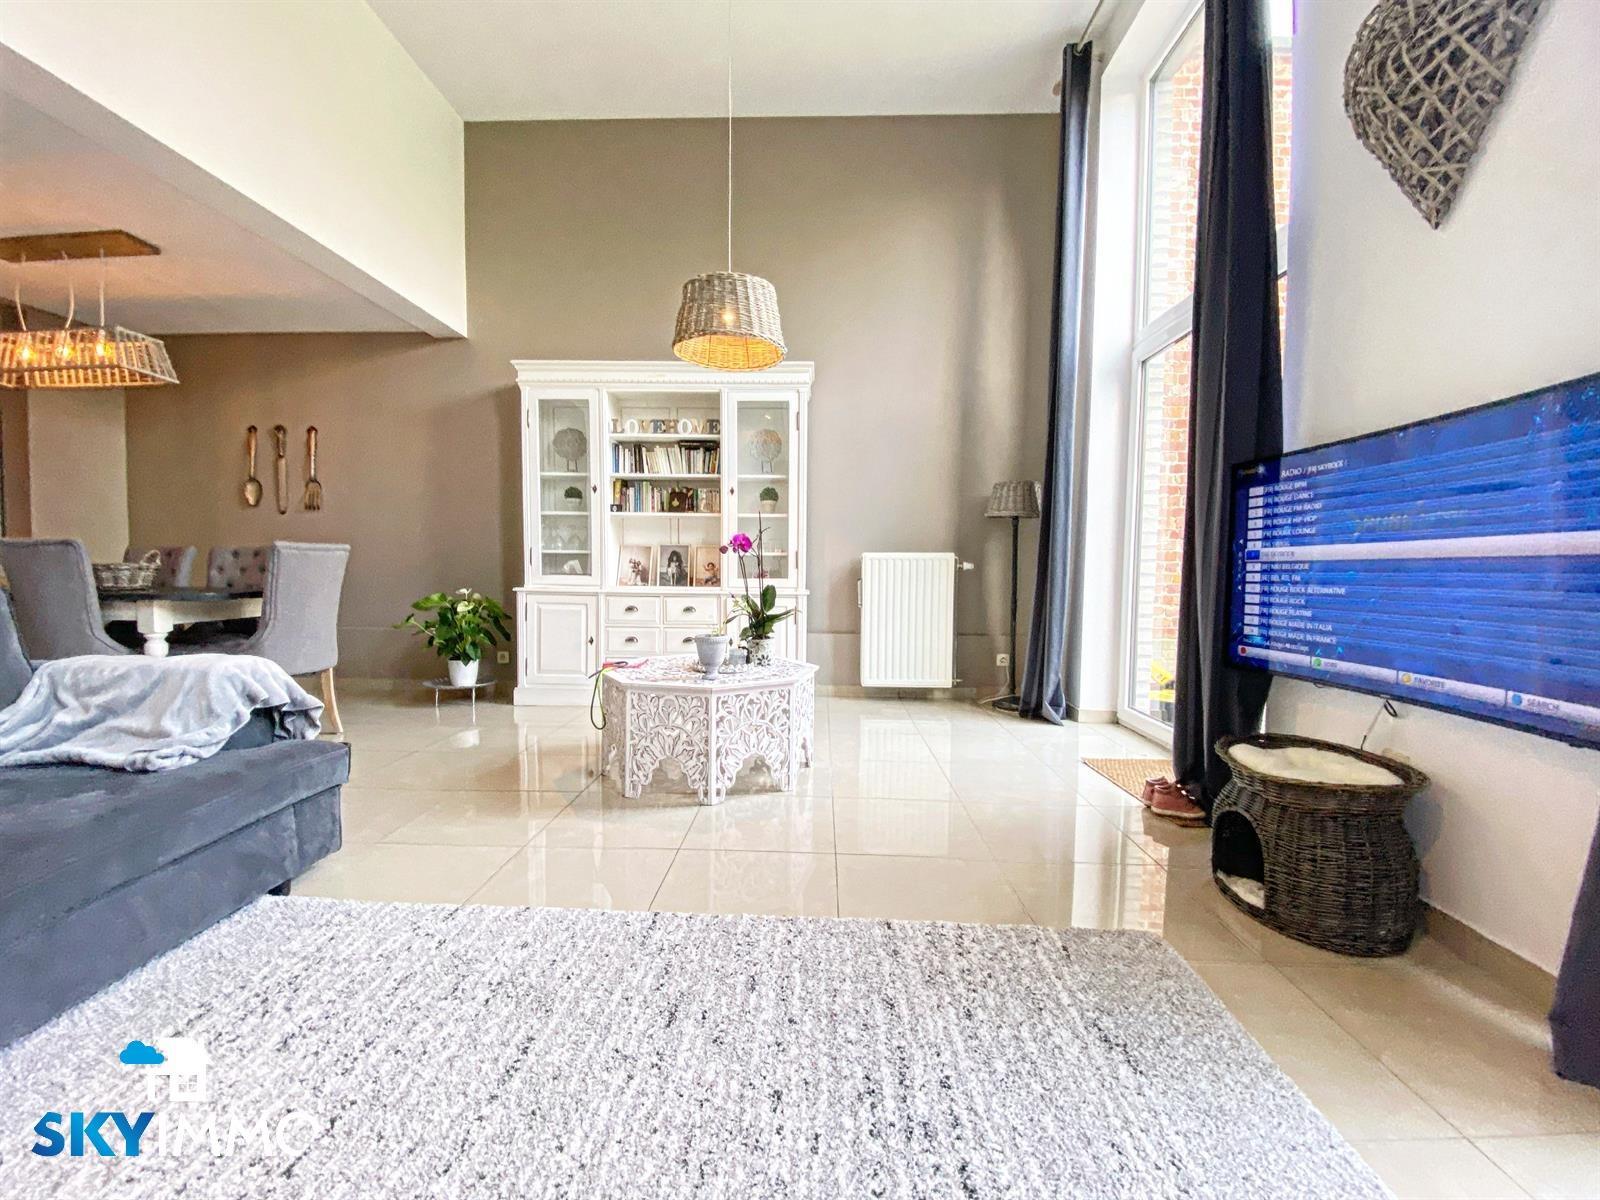 Huis - Liege - #4303959-7